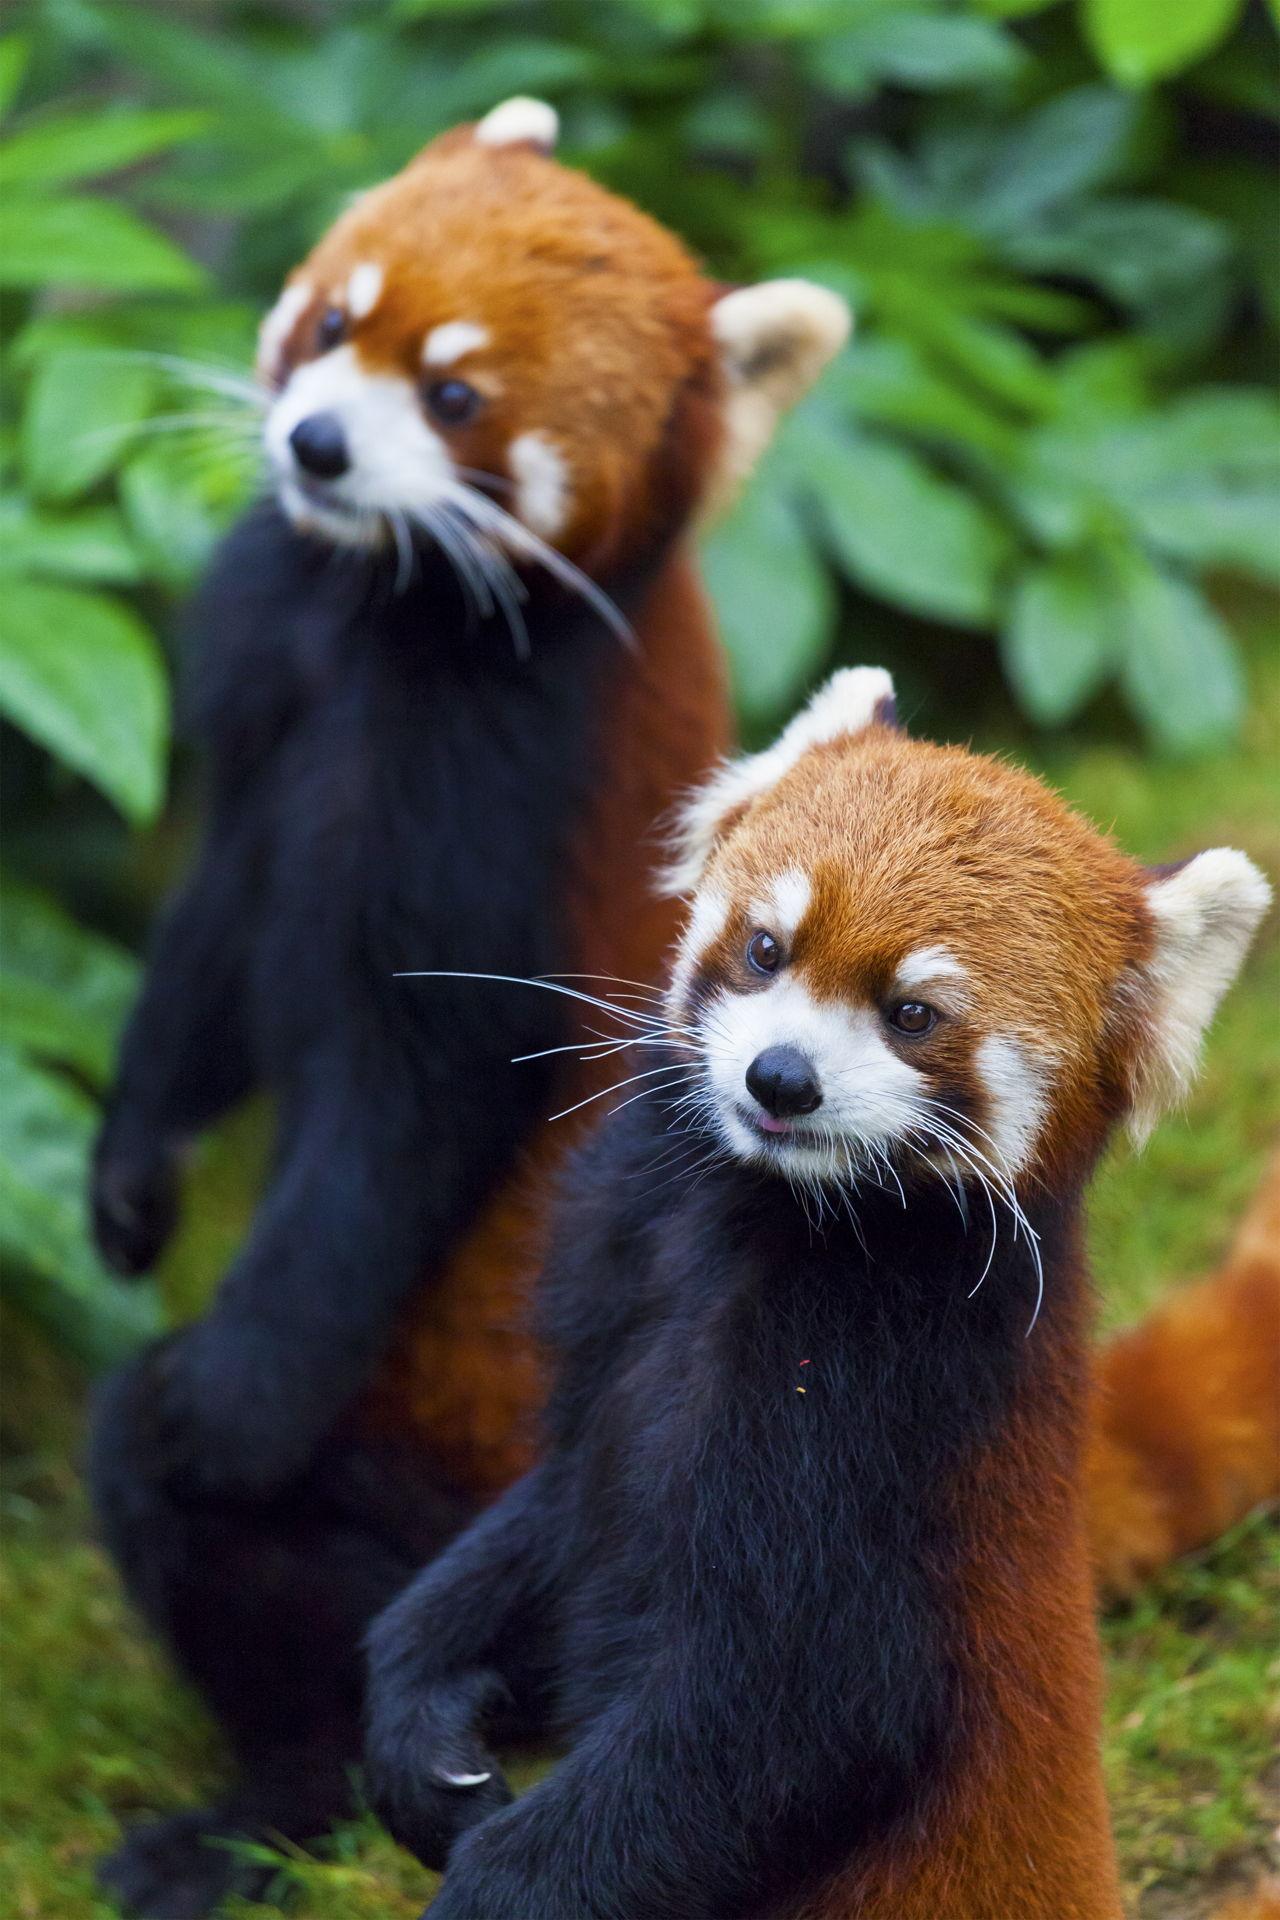 panda species endangered pandas animals wildlife bear animal facts china tourism wild bears fur tail hunting reddish royalty jaw drop